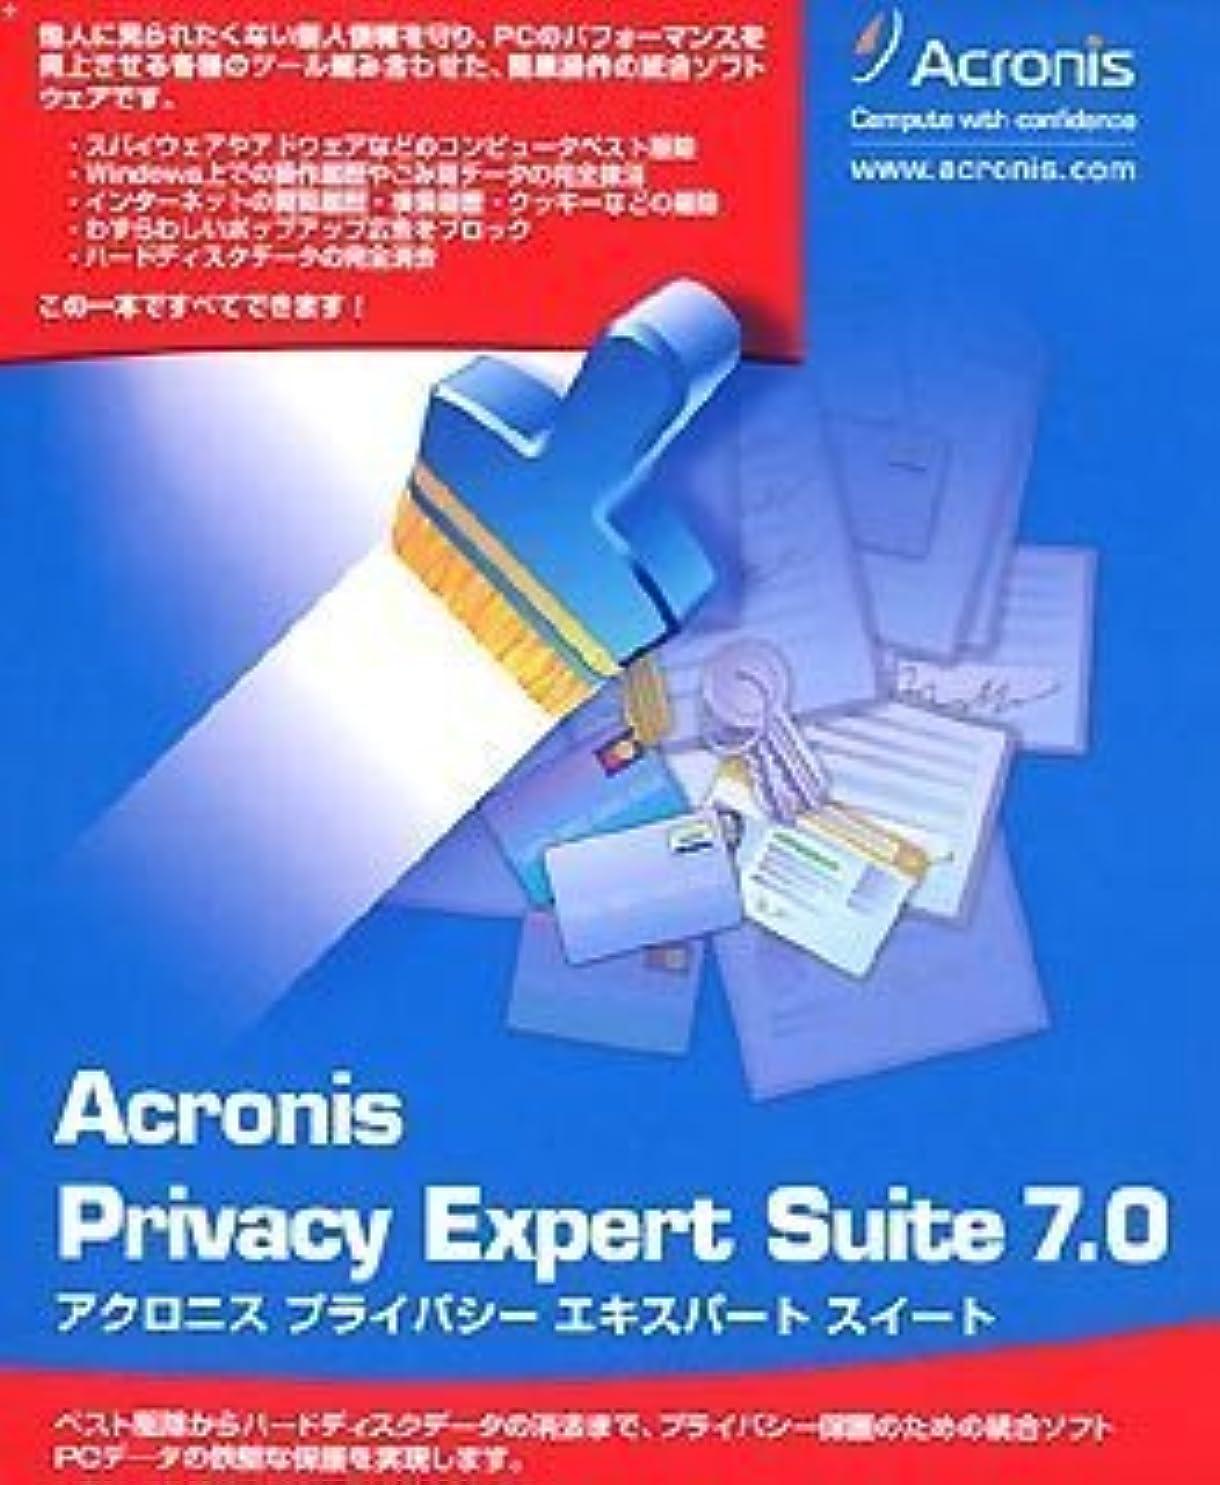 のスコア柔和硫黄Acronis PrivacyExpert Suite 7.0